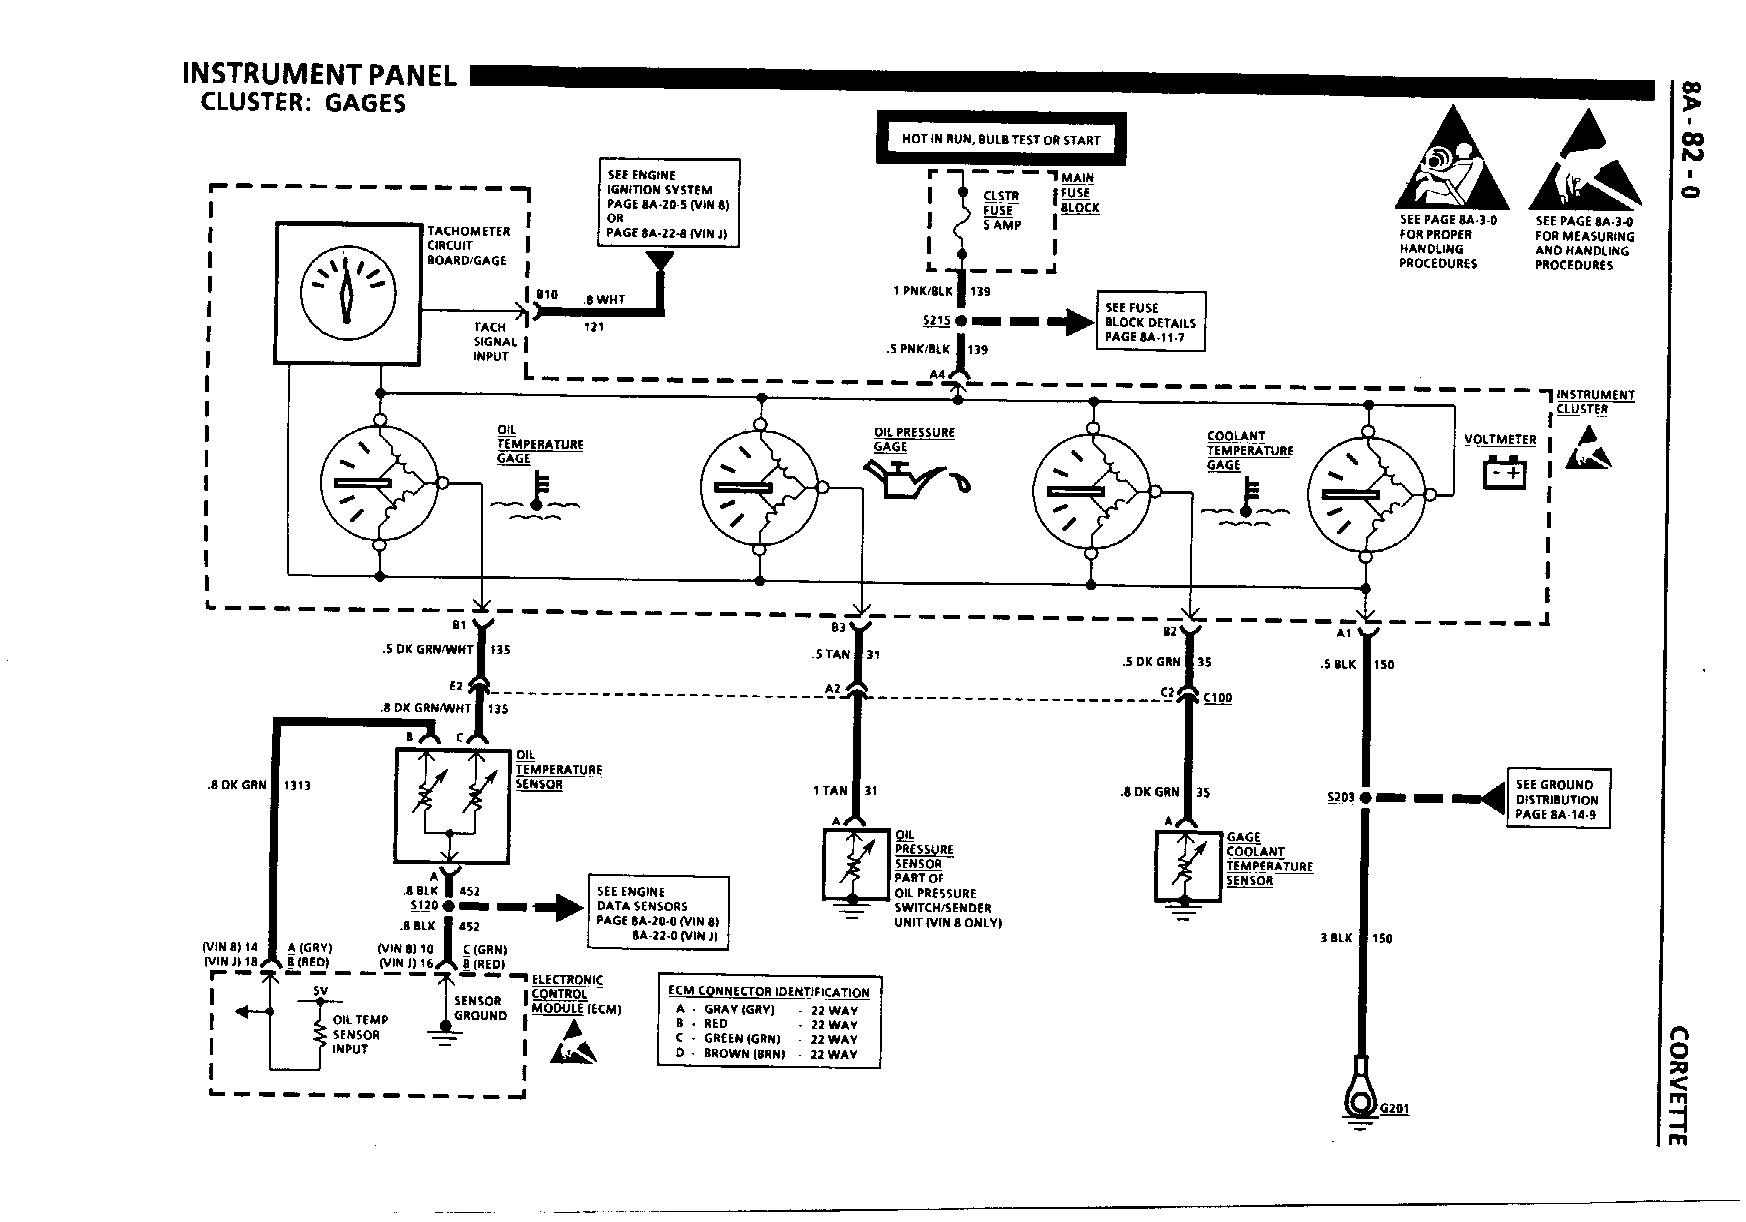 c4 corvette dash wiring diagram - schema wiring diagrams brain-curve -  brain-curve.primopianobenefit.it  primopianobenefit.it